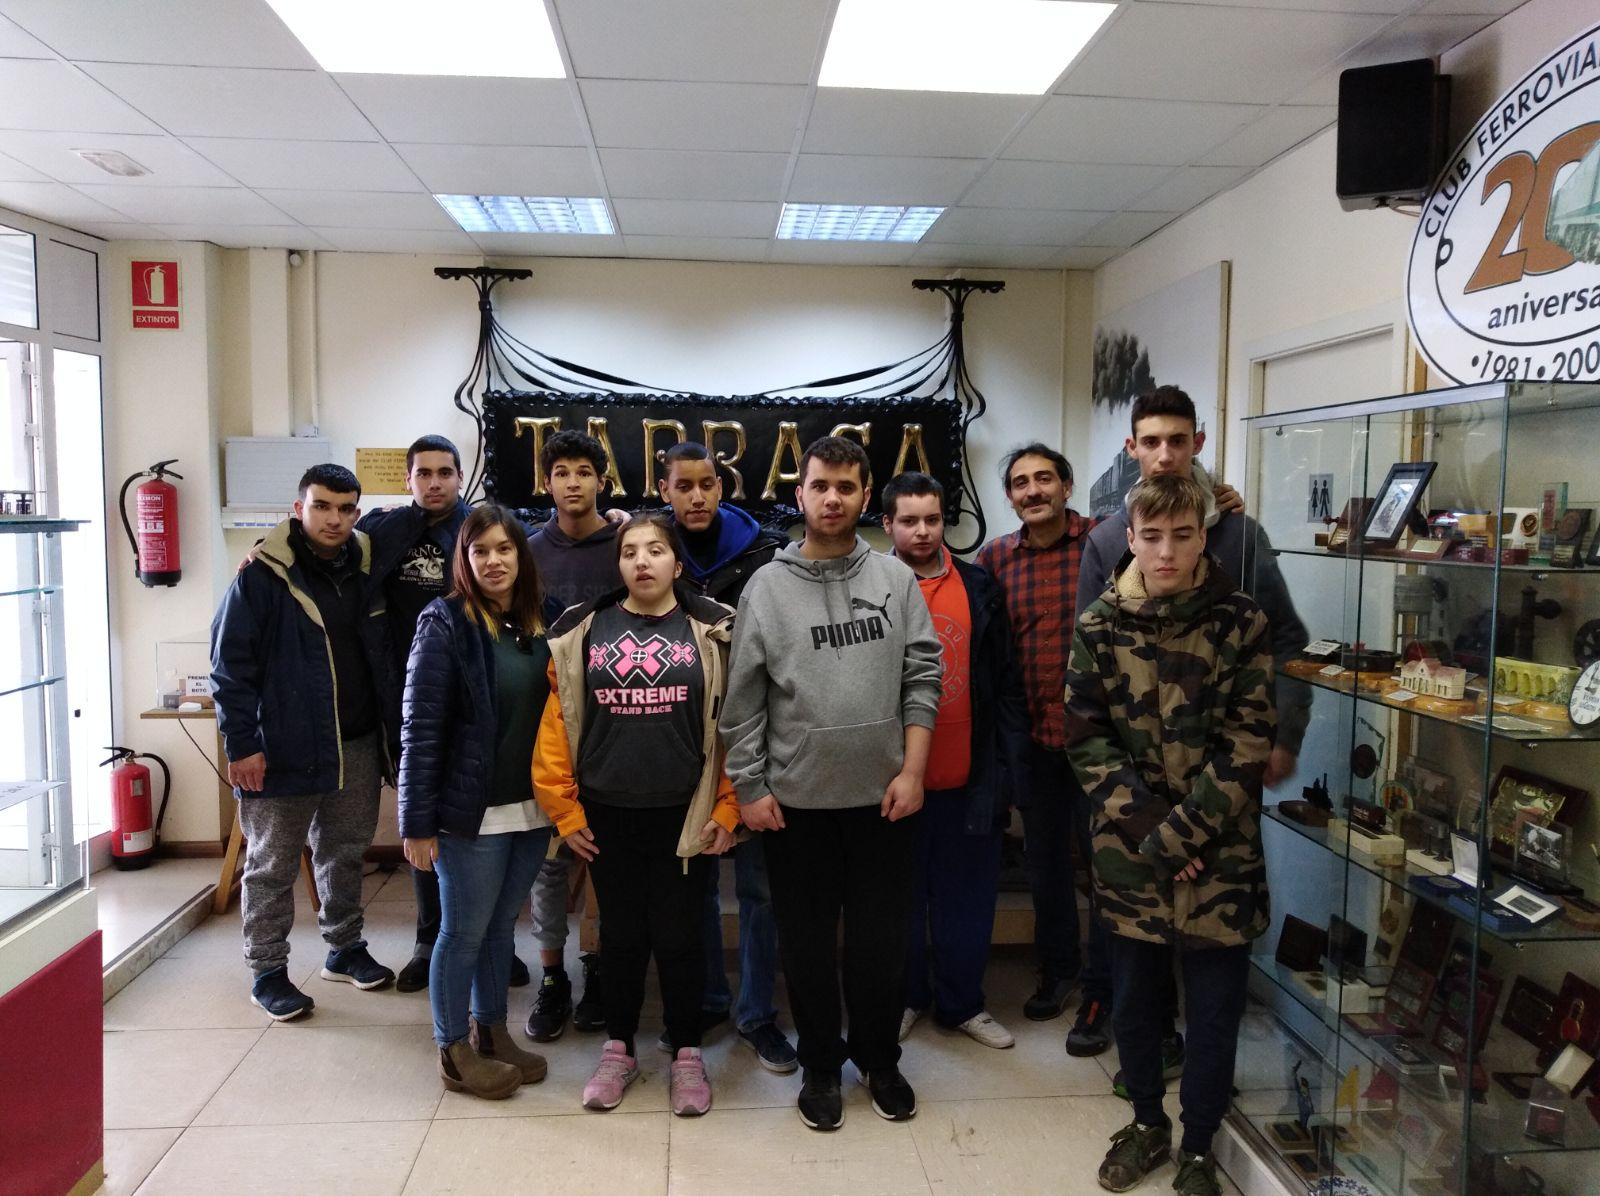 Visita d'alumnes de l'Escola l'Heura de Terrassa a la seu social del Club Ferroviari de Terrassa